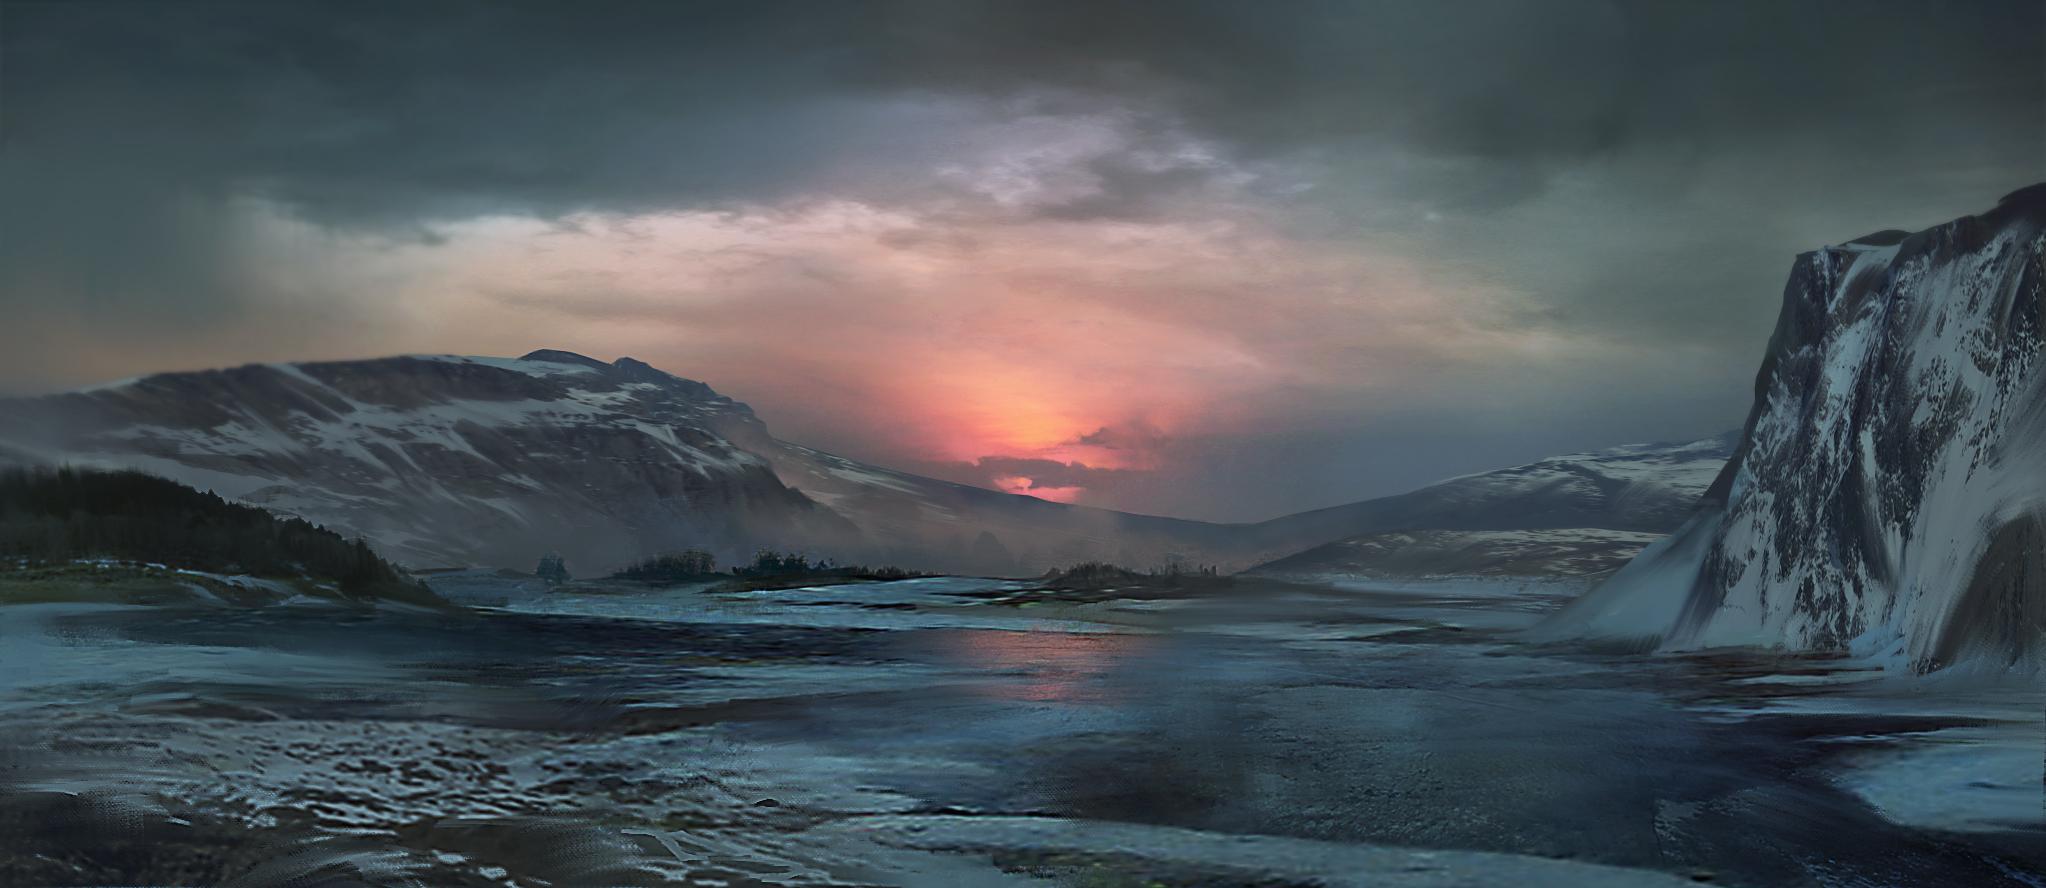 Phosphènes - Page 5 Frozen_lake-537ebfe